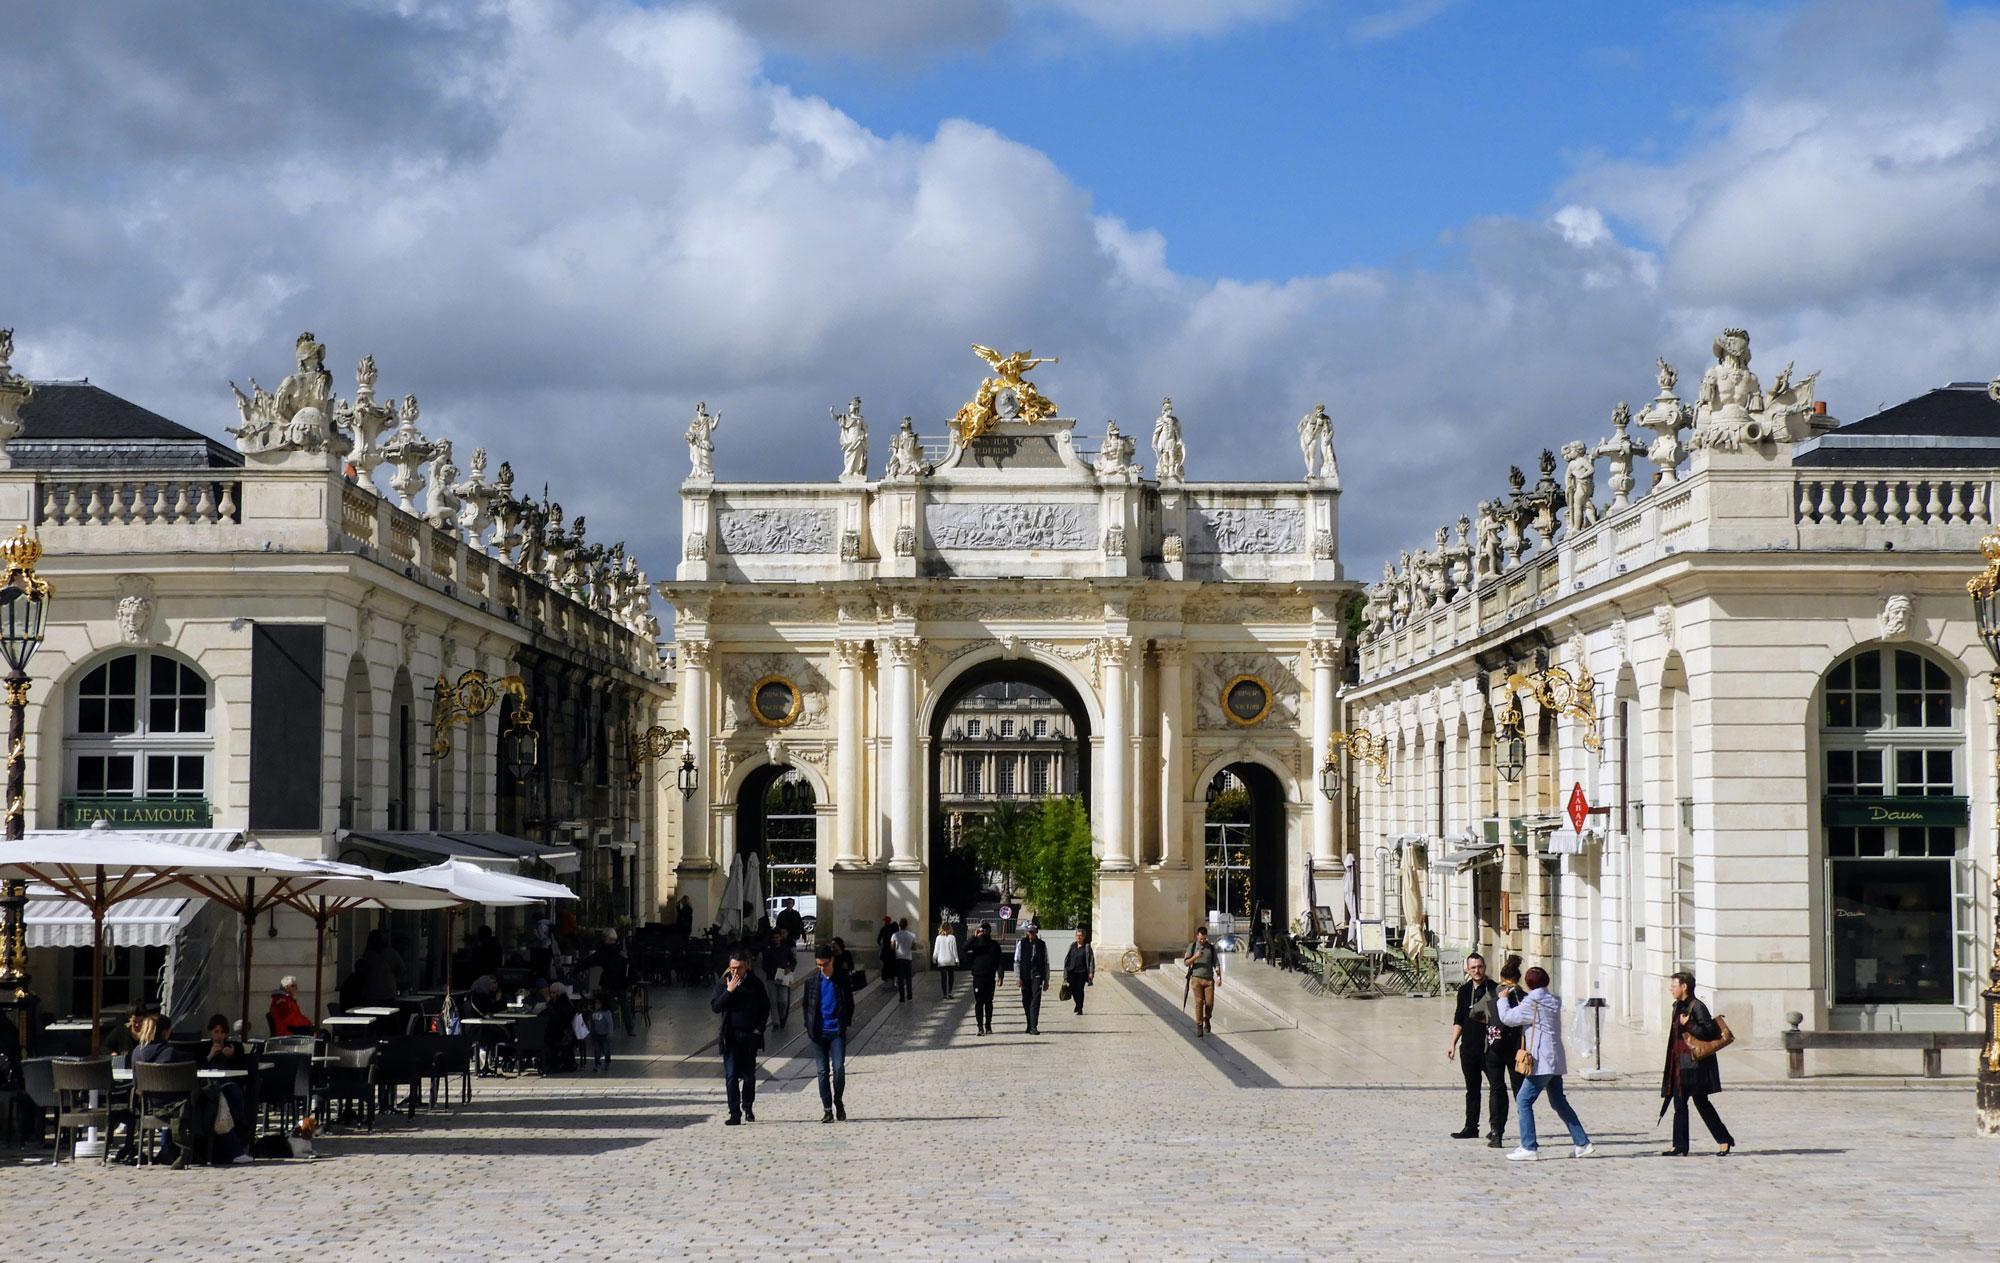 france-nancy-stanislas-square-golden-buildings-banner.jpg